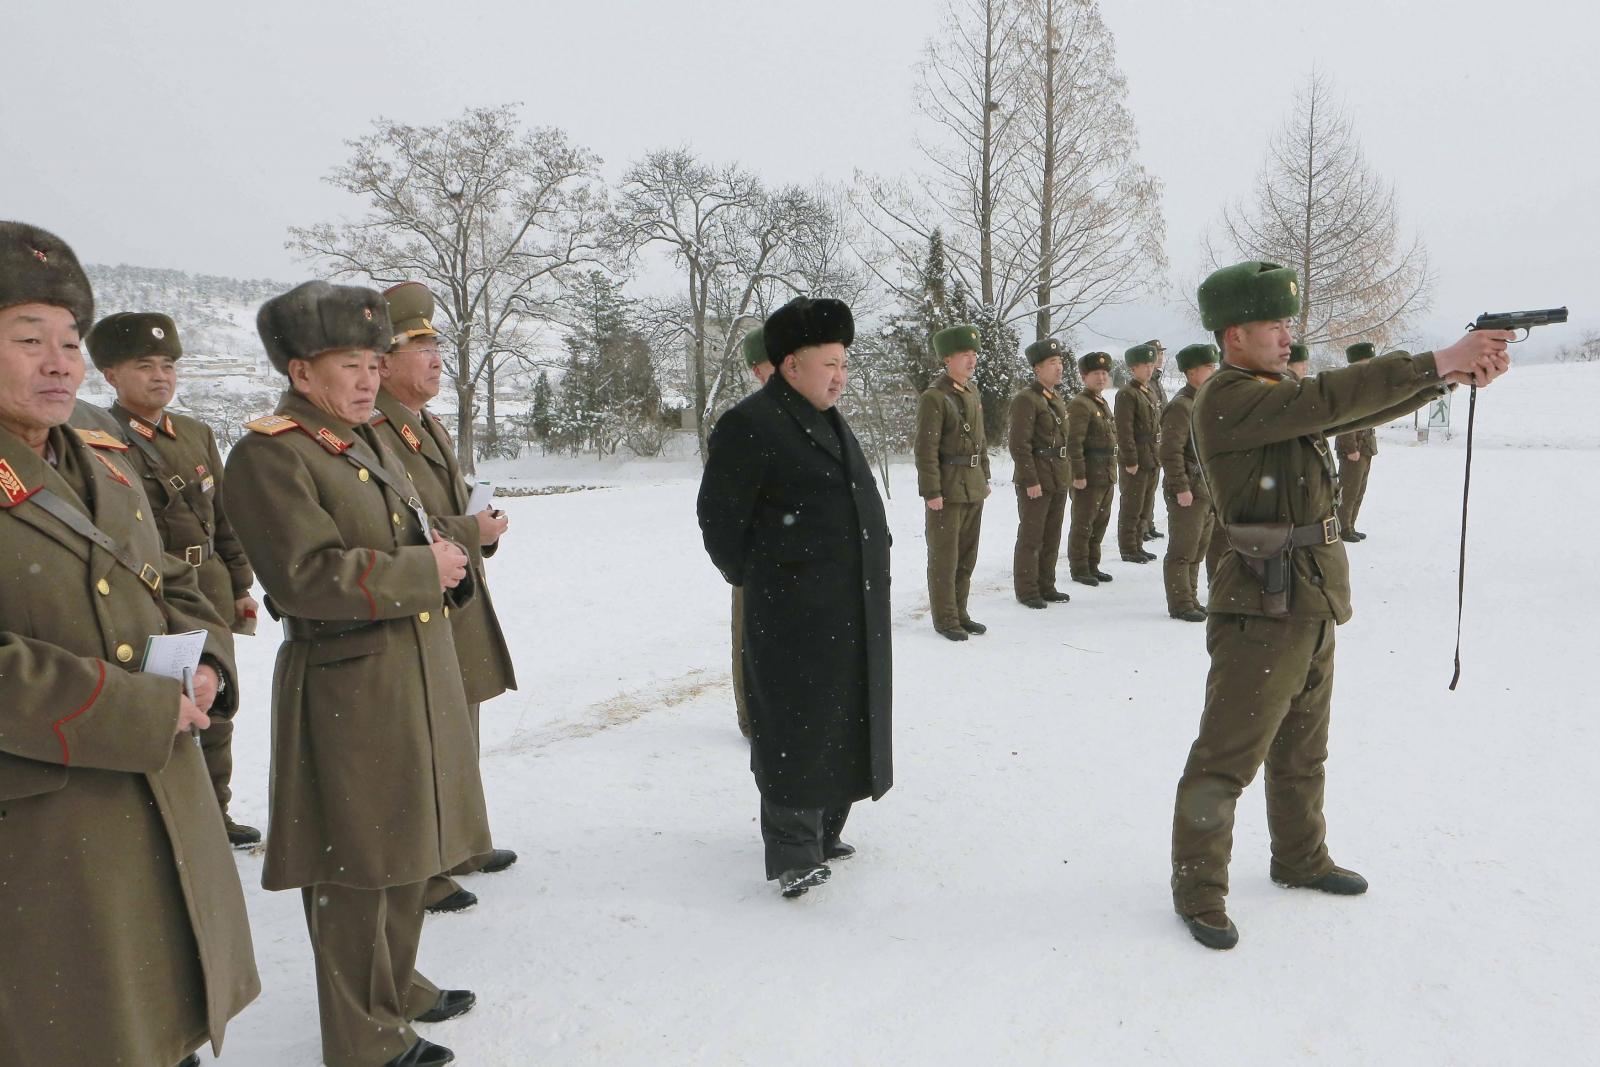 Kim Jong-un may visit Russia